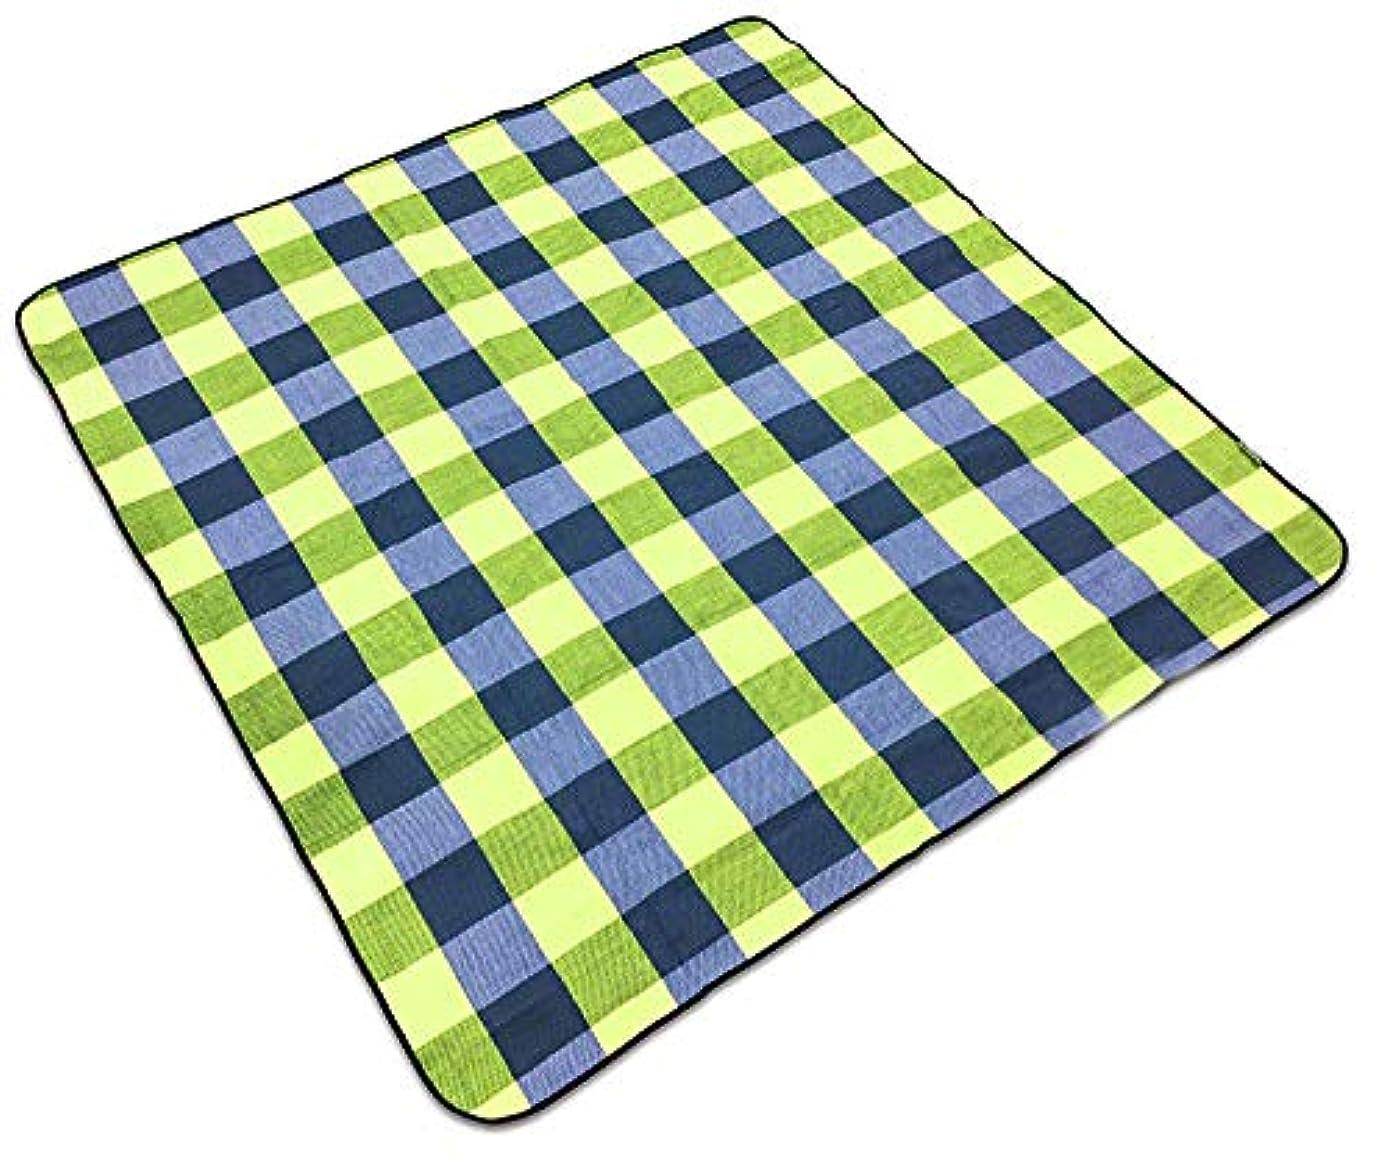 防水 ピクニックマット キャンプマット 折り畳み式 軽量 150×200cm